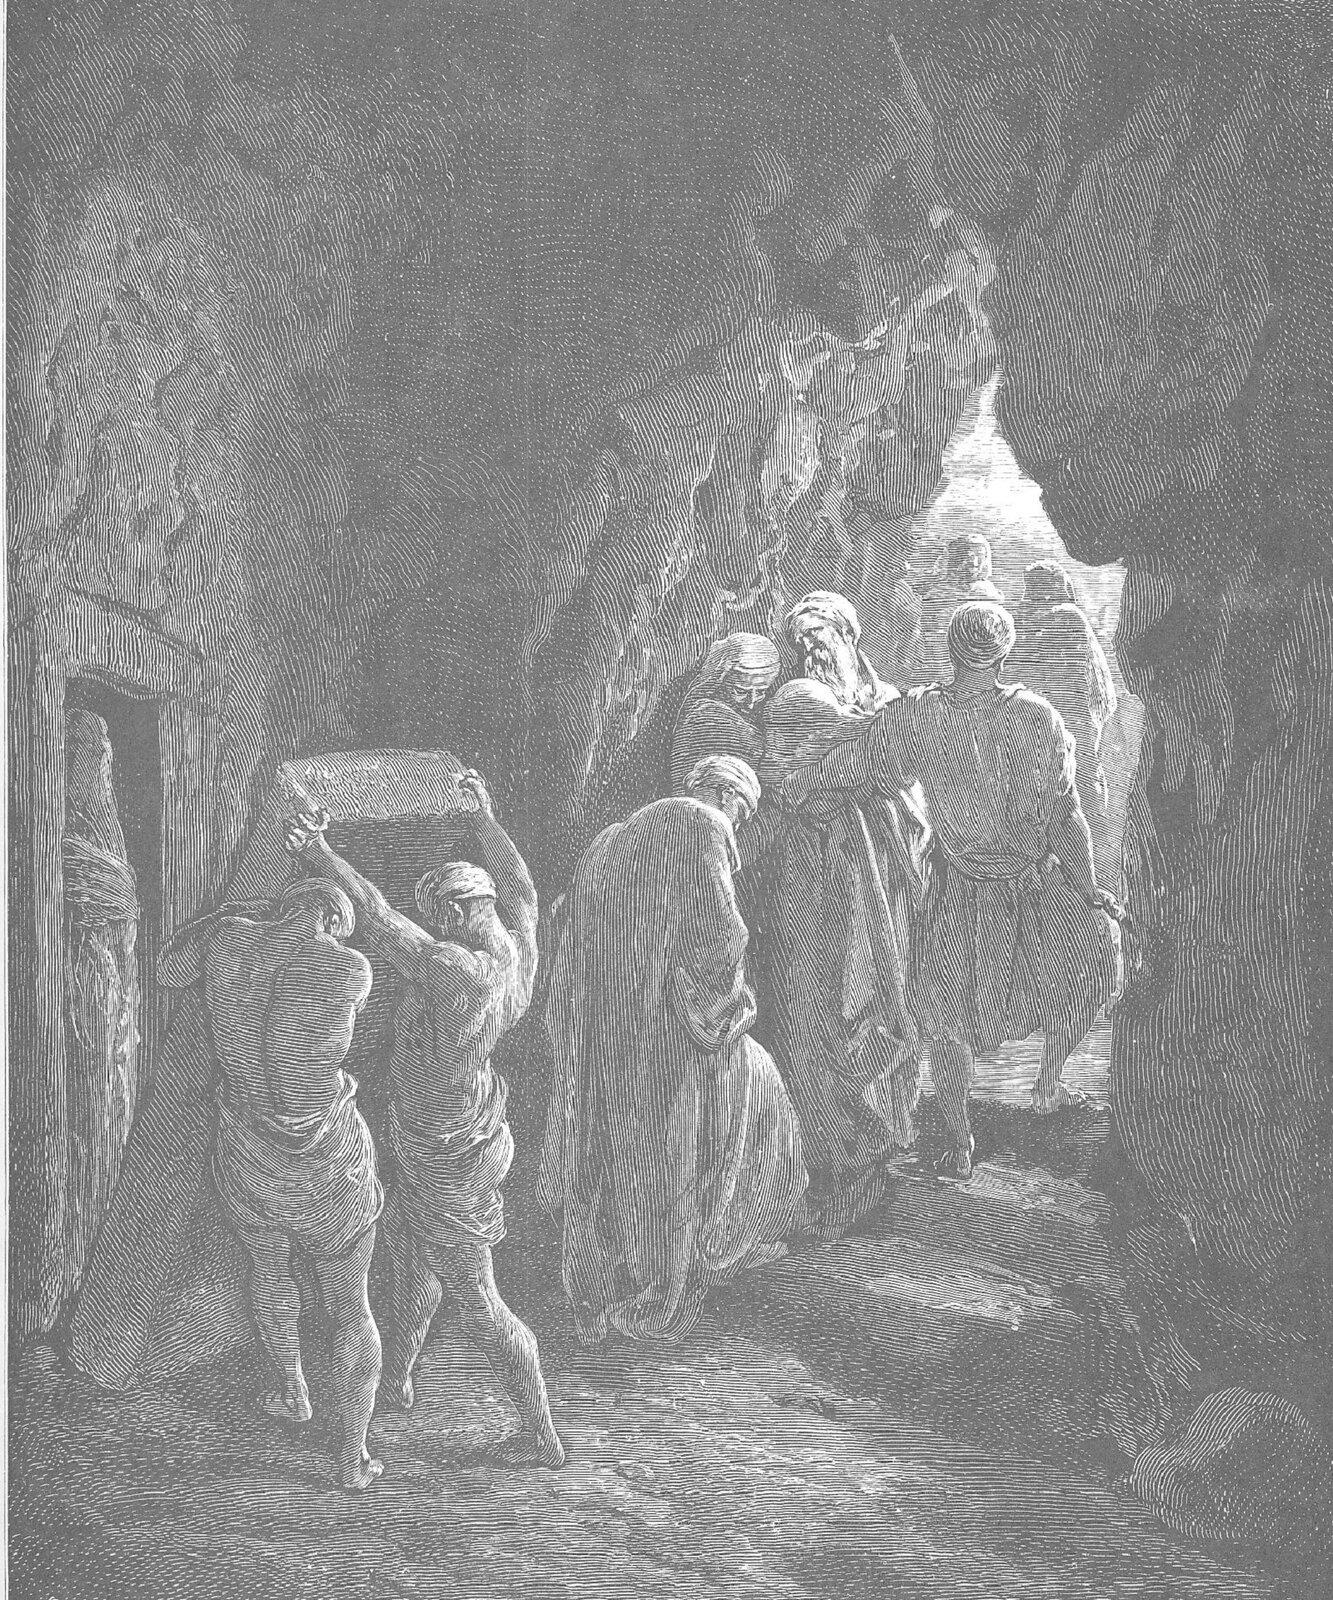 """ILustracja przedstawia obraz """"Pogrzeb Sary"""" autorstwa Gustawa Doré. Obraz ukazuje pogrzeb postaci oimieniu Sara. Wuroczystości bierze udział kilkoro postaci. Postaci opuszczają jaskinię, idąc na zewnątrz po kamiennych schodach. Dwóch mężczyzn zamyka kryptę znajdującą się wścianie, przesuwając ogromny kamień."""